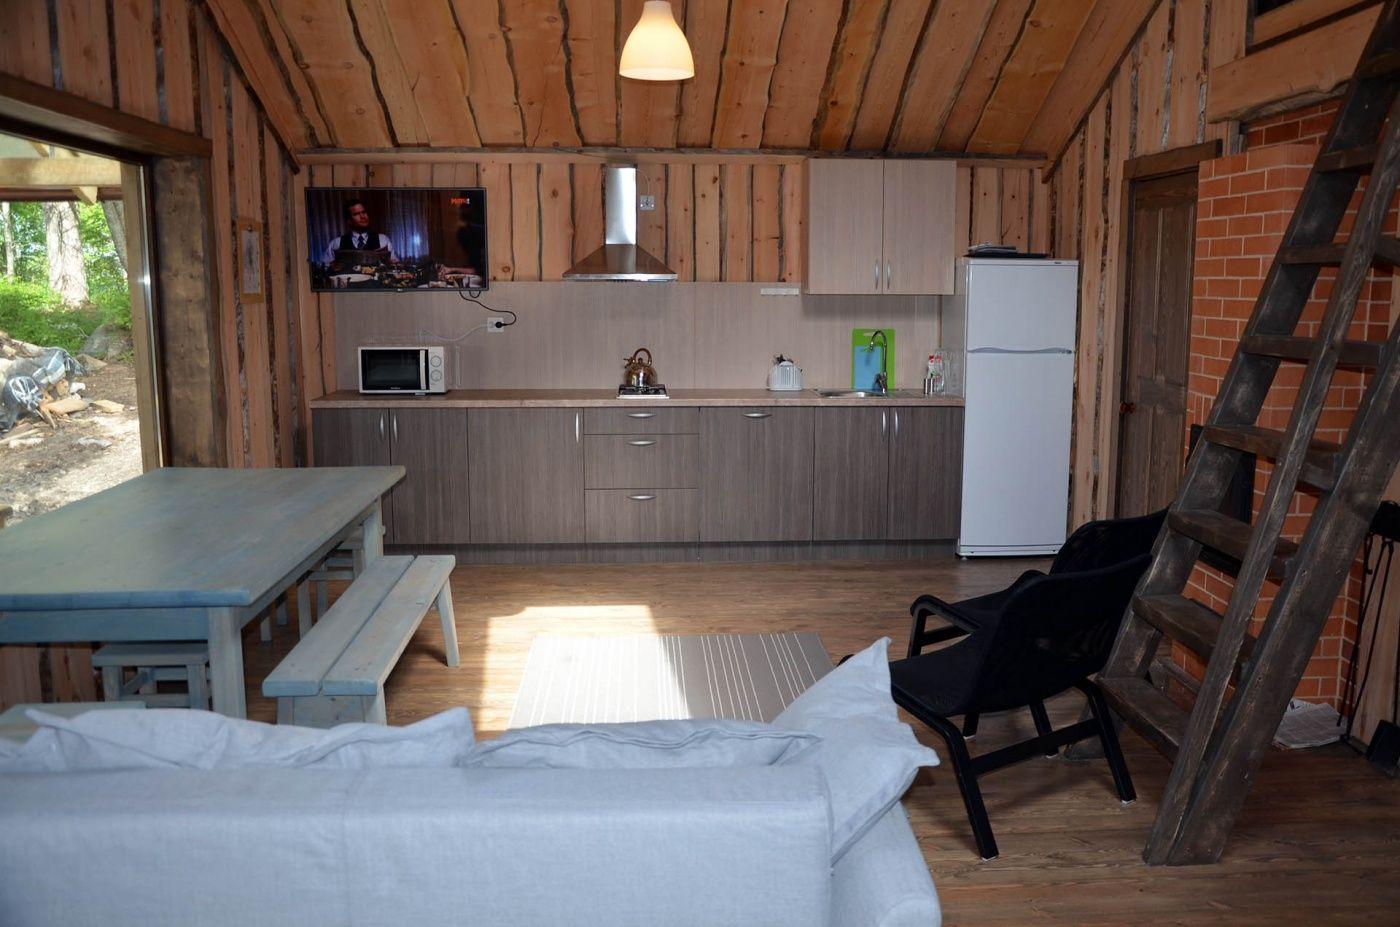 Комплекс гостевых домов «Karelia Village» Республика Карелия Коттедж «Ангенлахти-6», «Ангенлахти-7», фото 6